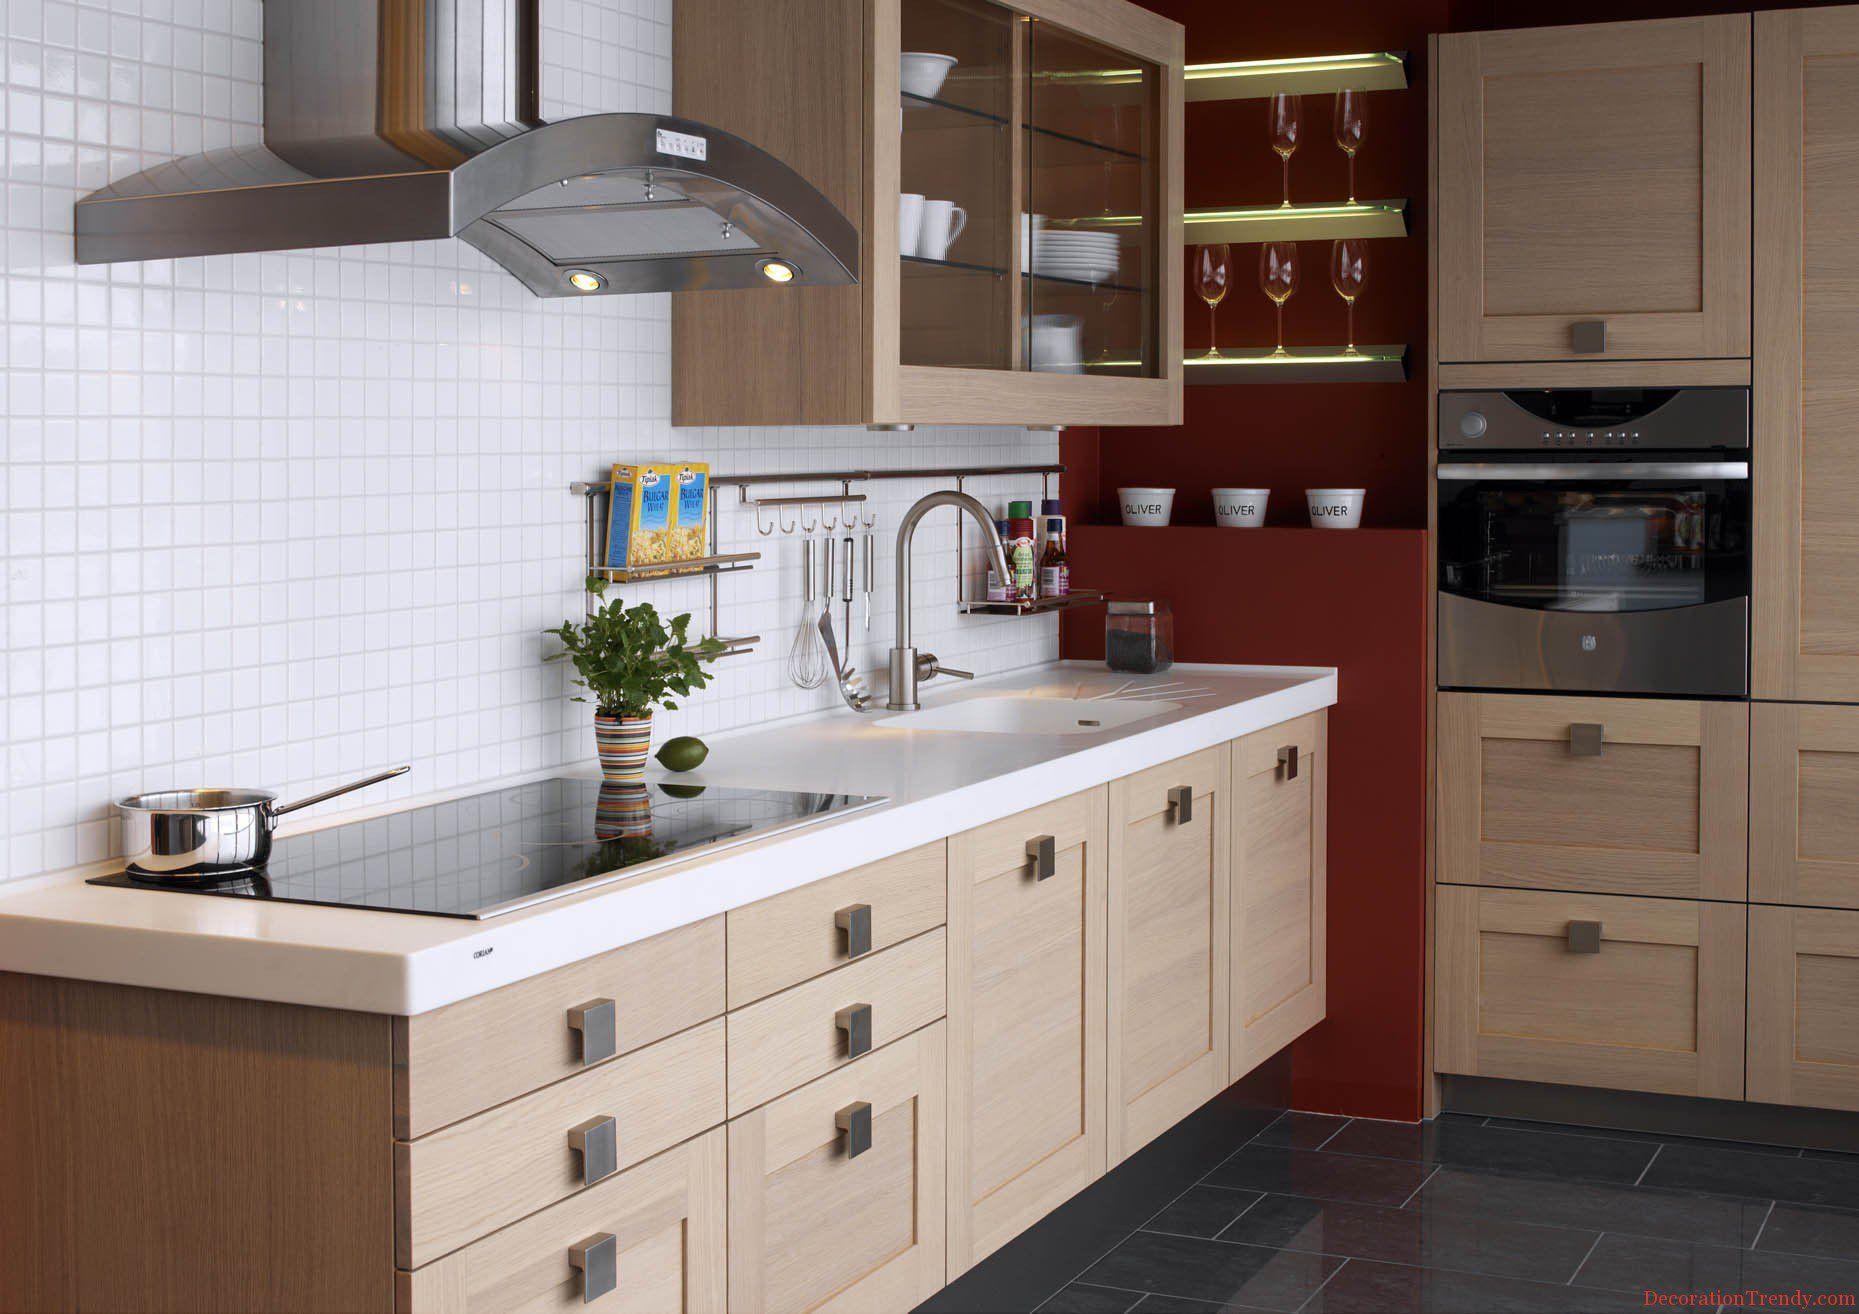 Small Kitchen Storage Ideas   Http://www.thelakehouseva.com/1113